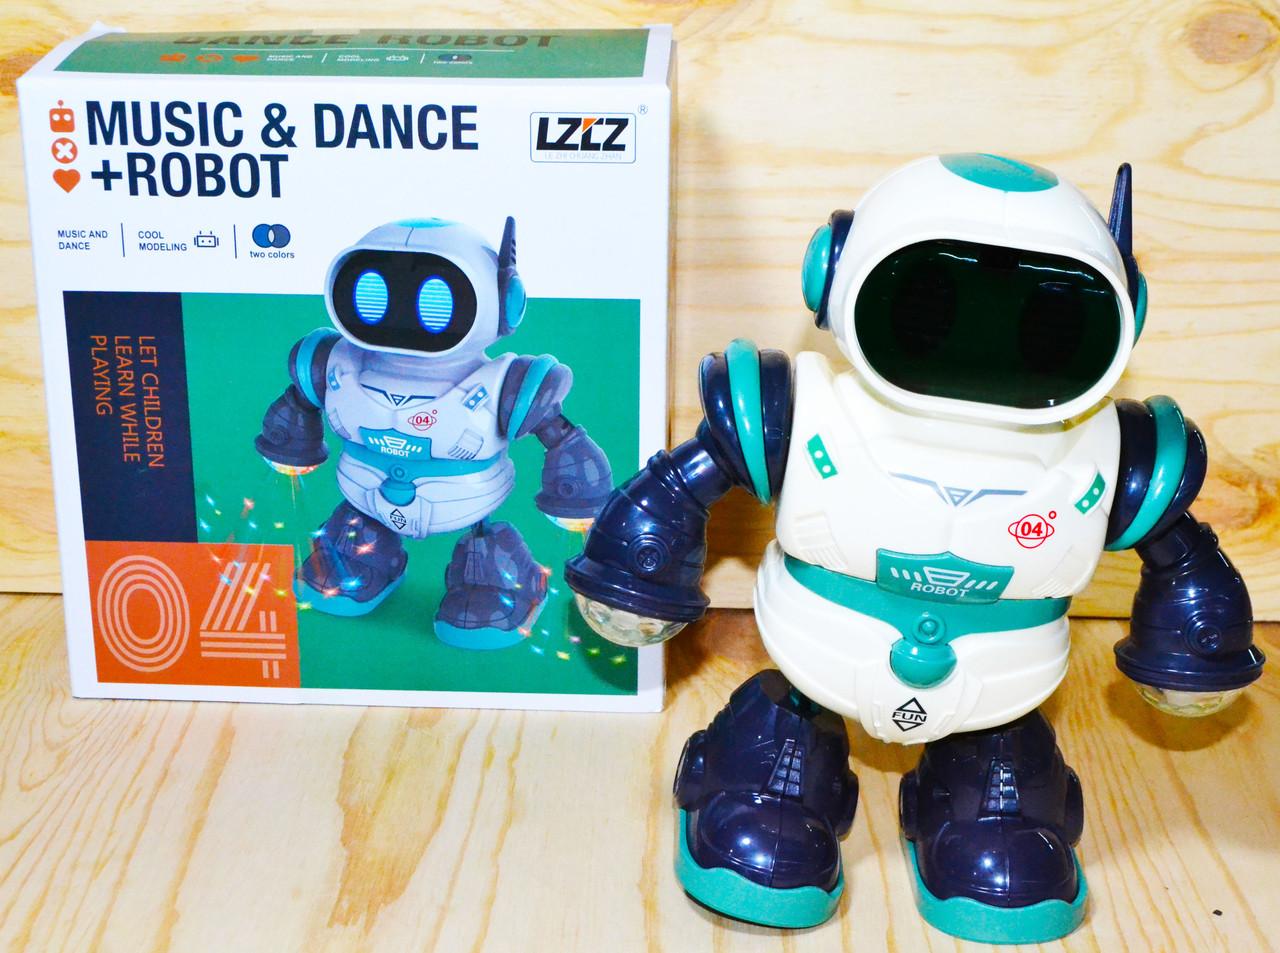 6678-4 Dance-Robot робот: танцует,музыка,свет 21*20см